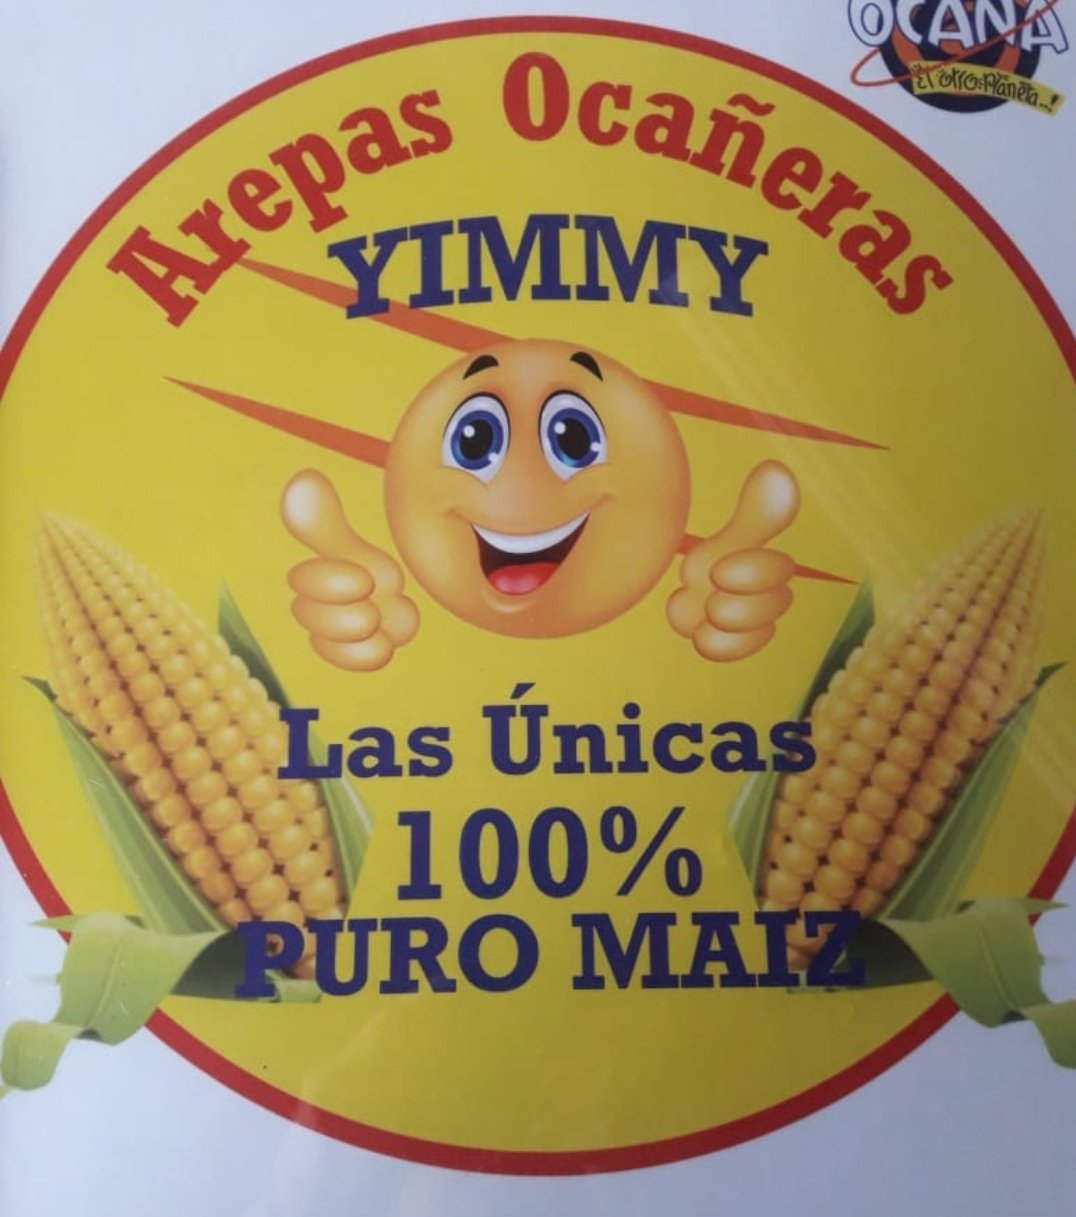 Arepas Ocañeras 100% de Maíz Donde Yimmy